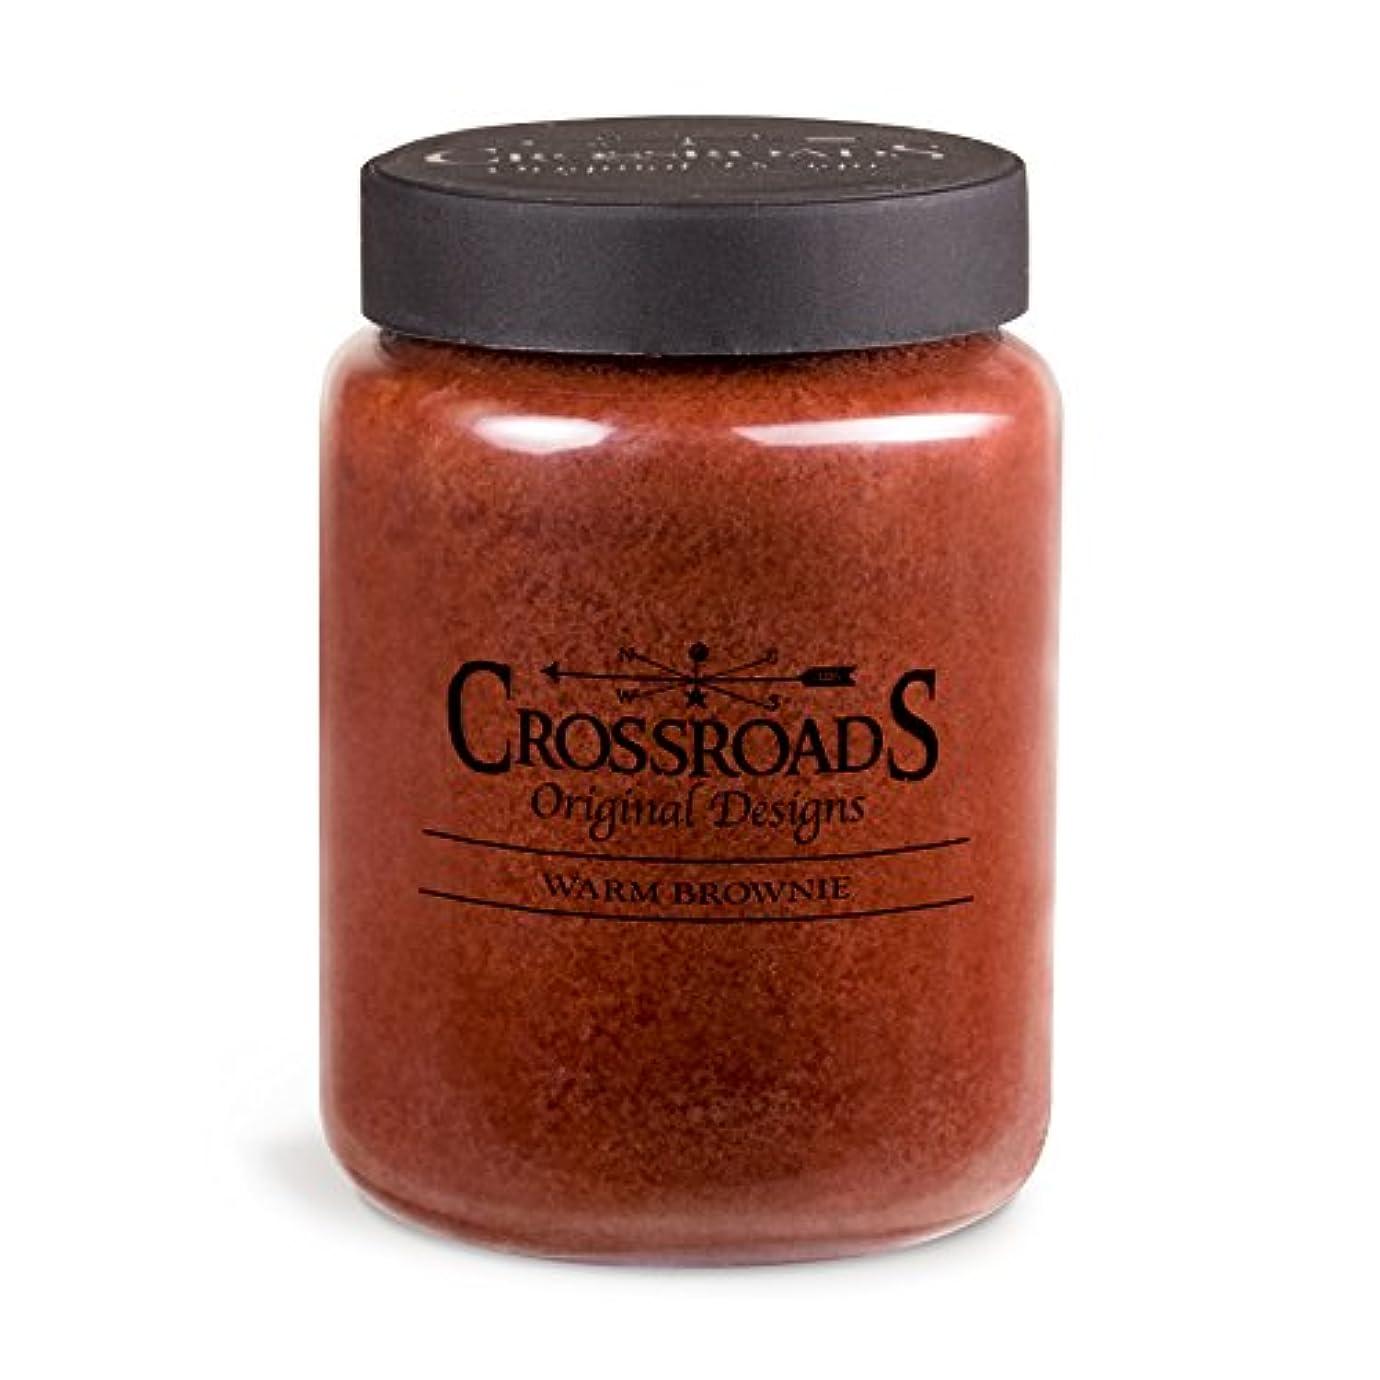 効果快適ナインへCrossroads Warm Brownie香りつき2-wick Candle、26オンス